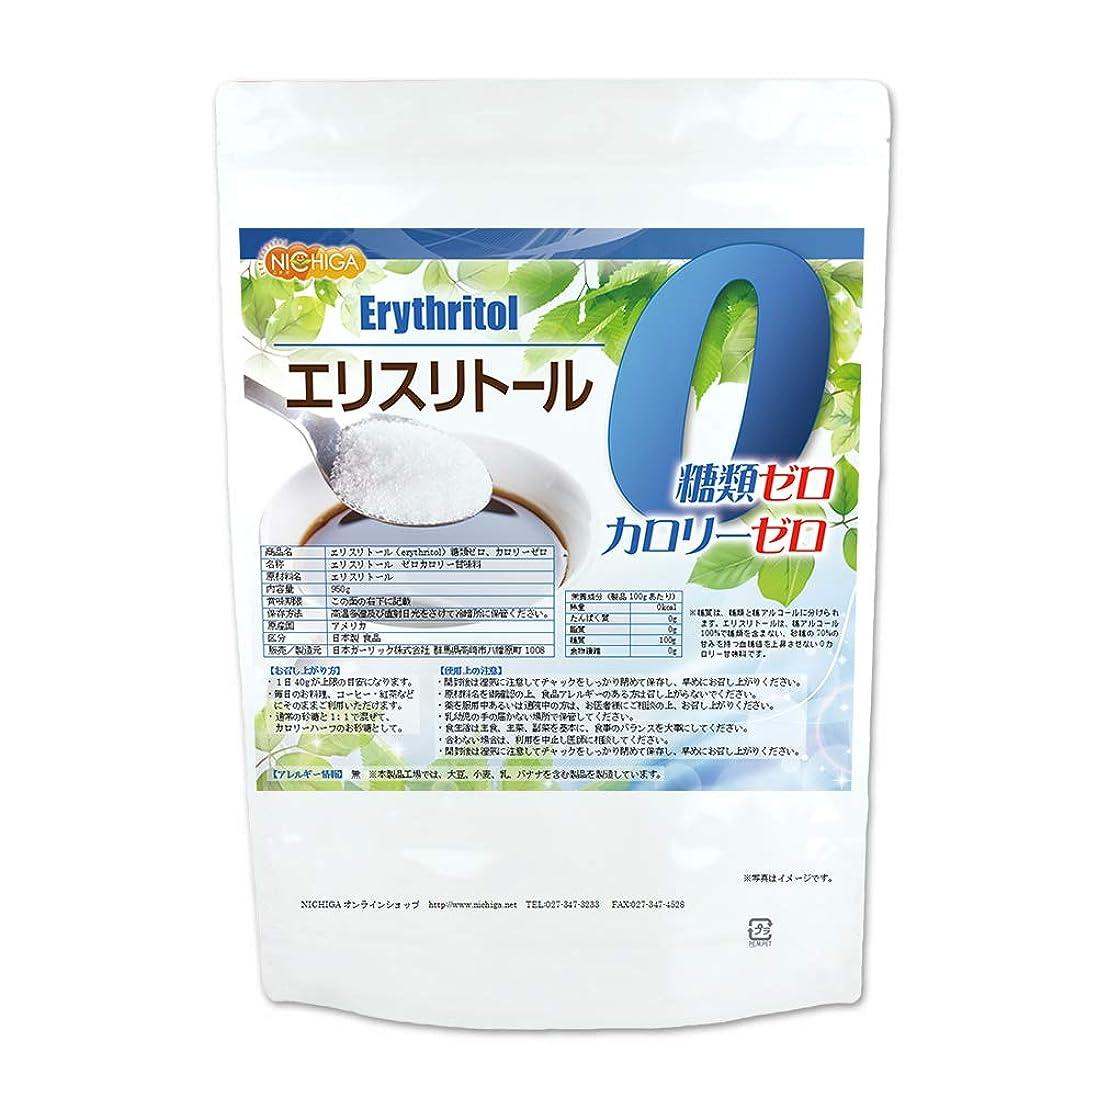 教えて北方ハイライトエリスリトール (erythritol) 950g エネルギー:0 kcal/g 天然甘味料?糖質制限?砂糖代替甘味料 [01] NICHIGA(ニチガ)